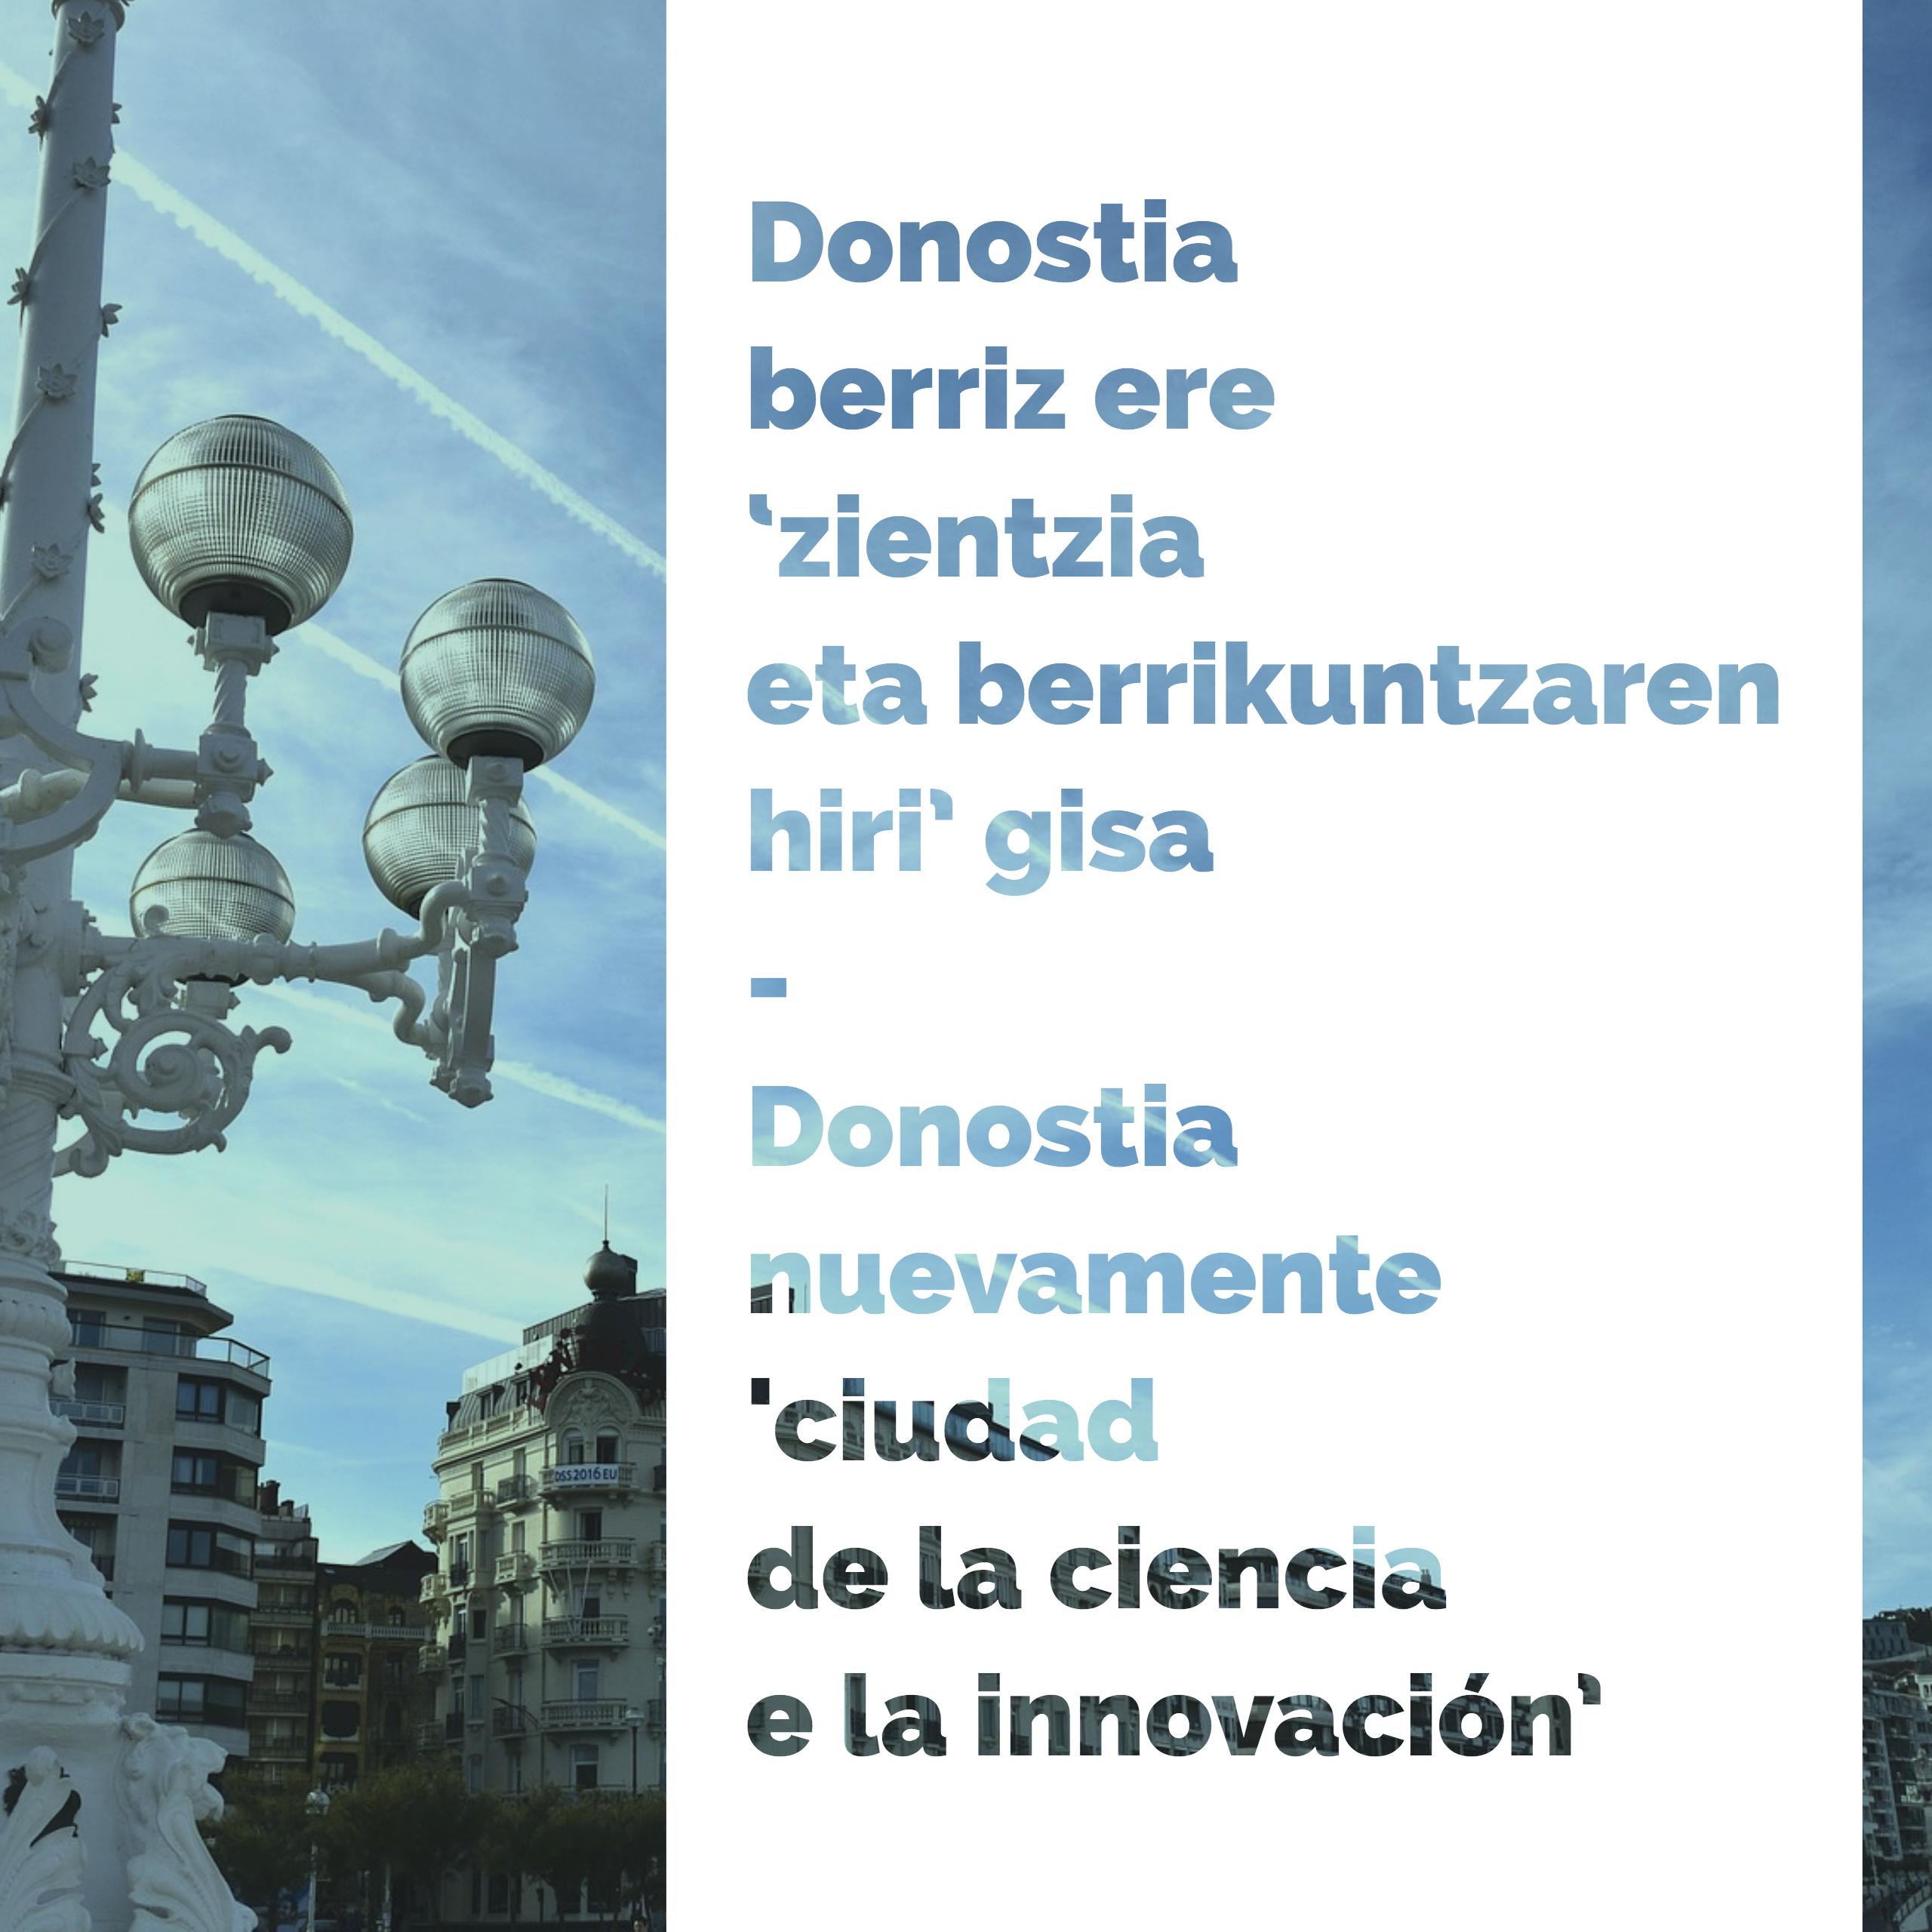 Donostia / San Sebastián ciudad de la ciencia y la innovación